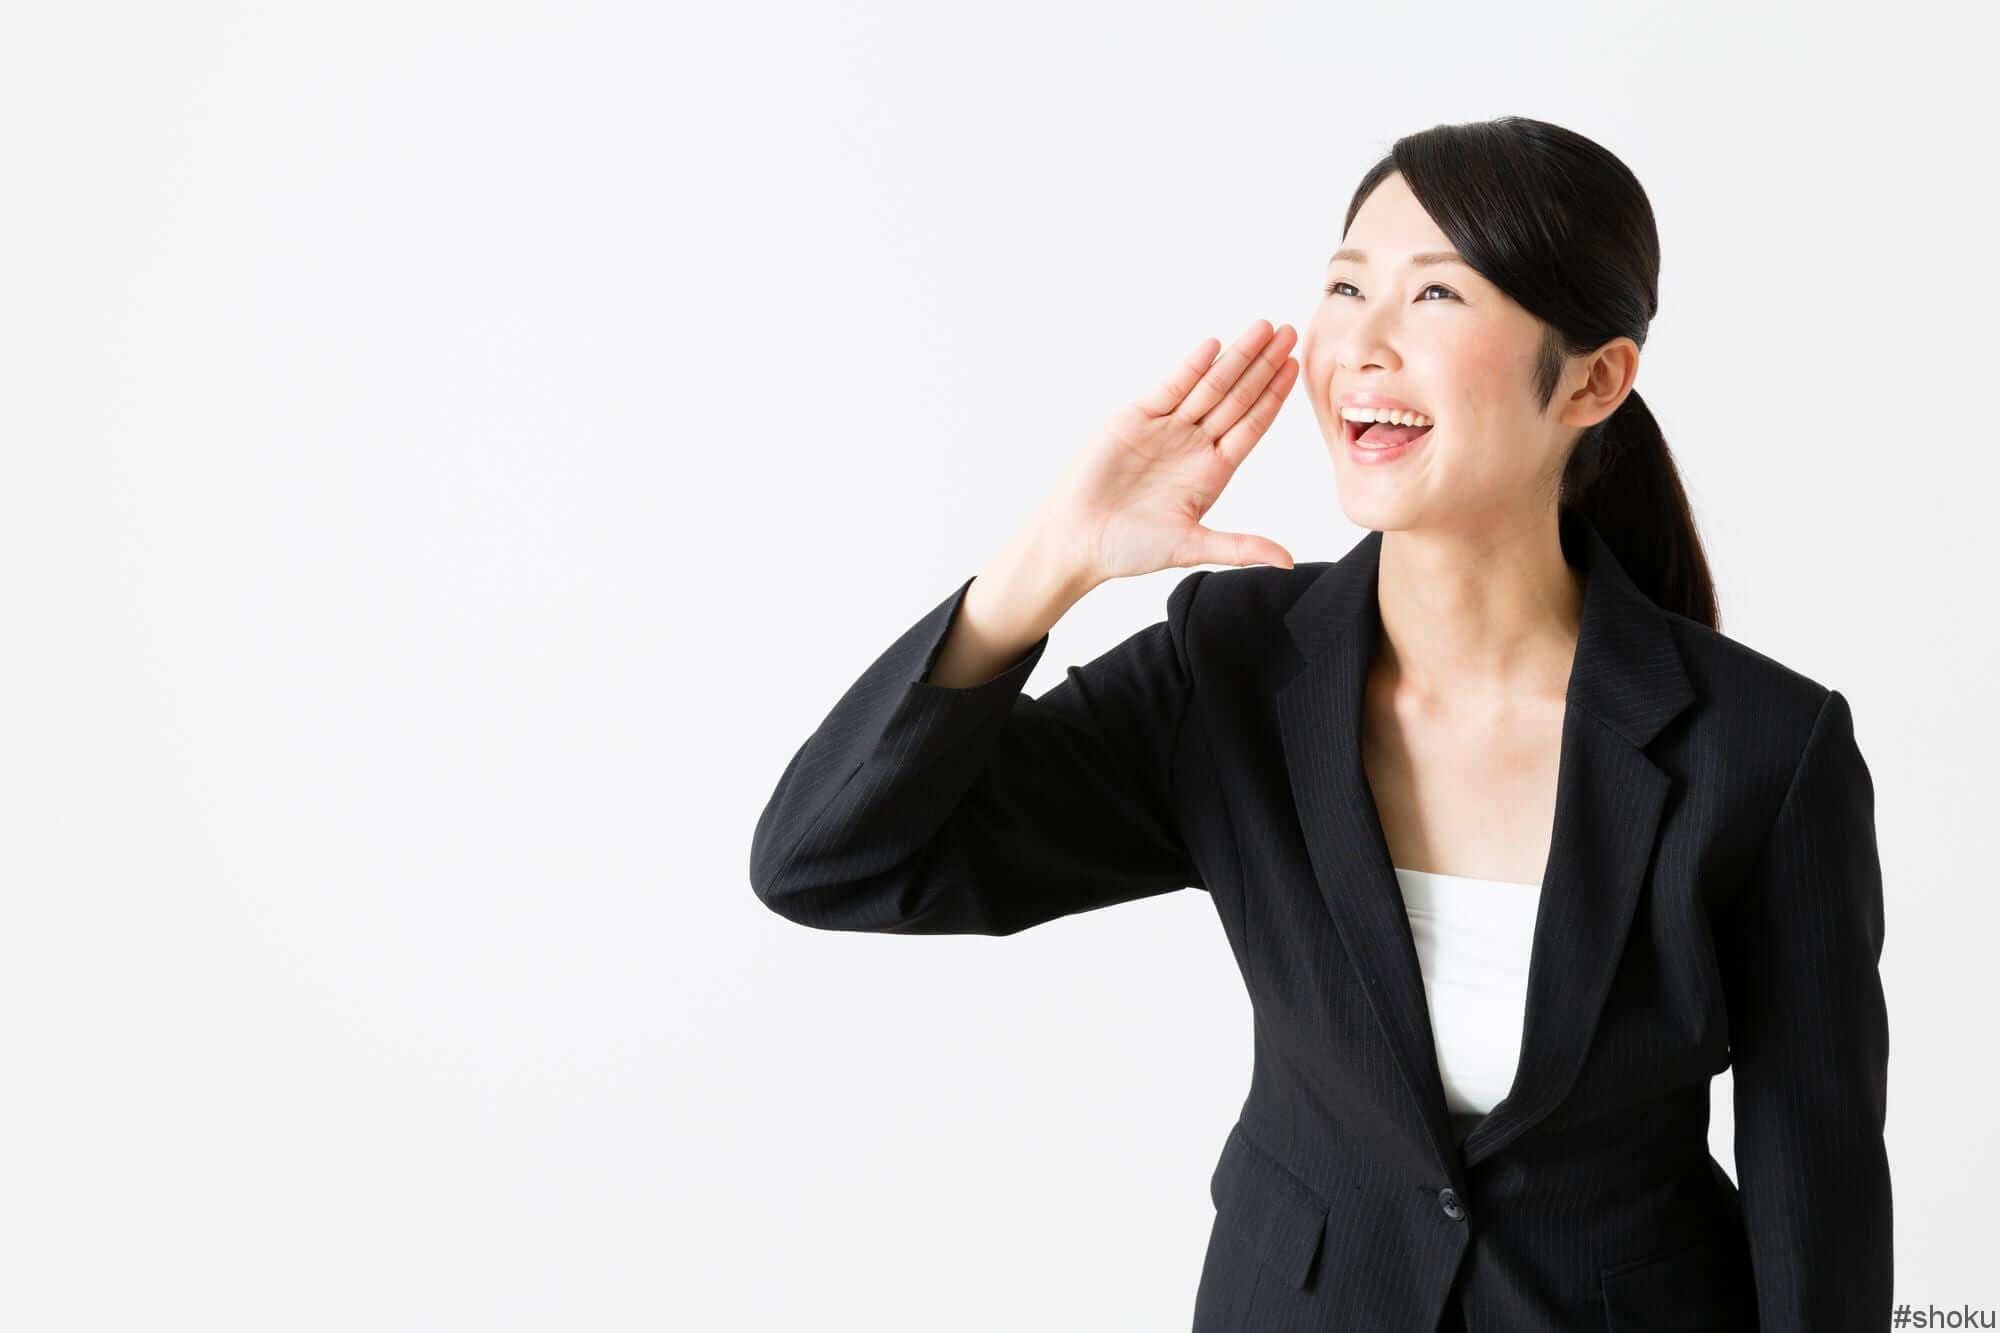 どんなスキルが役に立ったかを営業事務の経験者に聞く女性